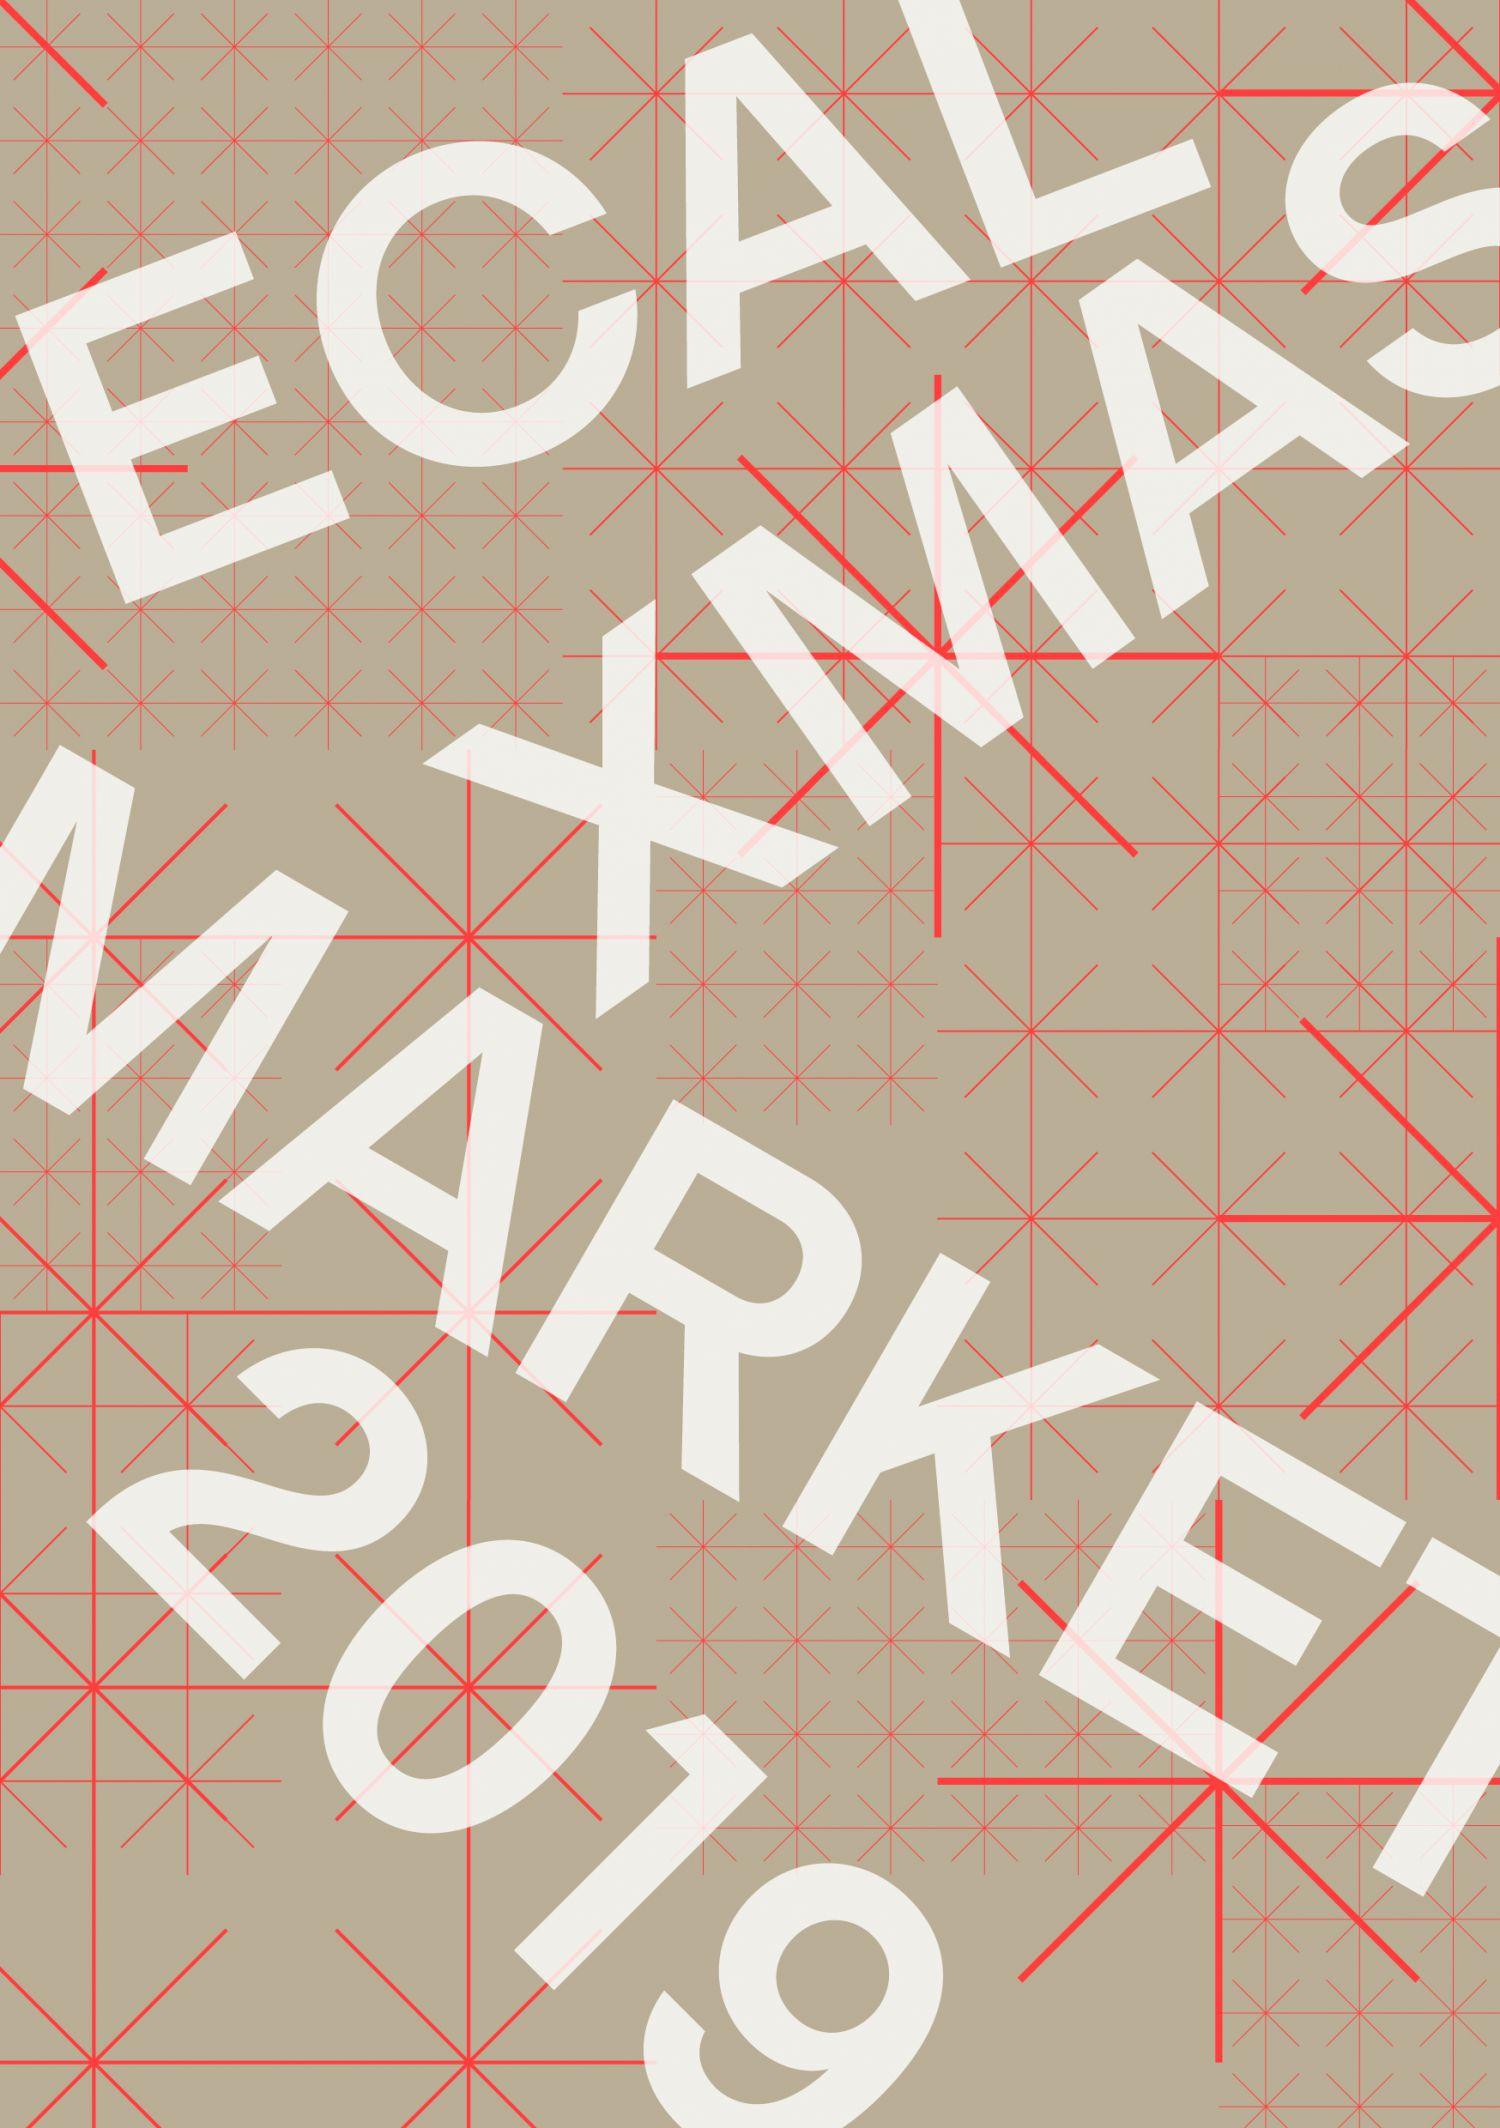 ECAL XMAS Market 2019